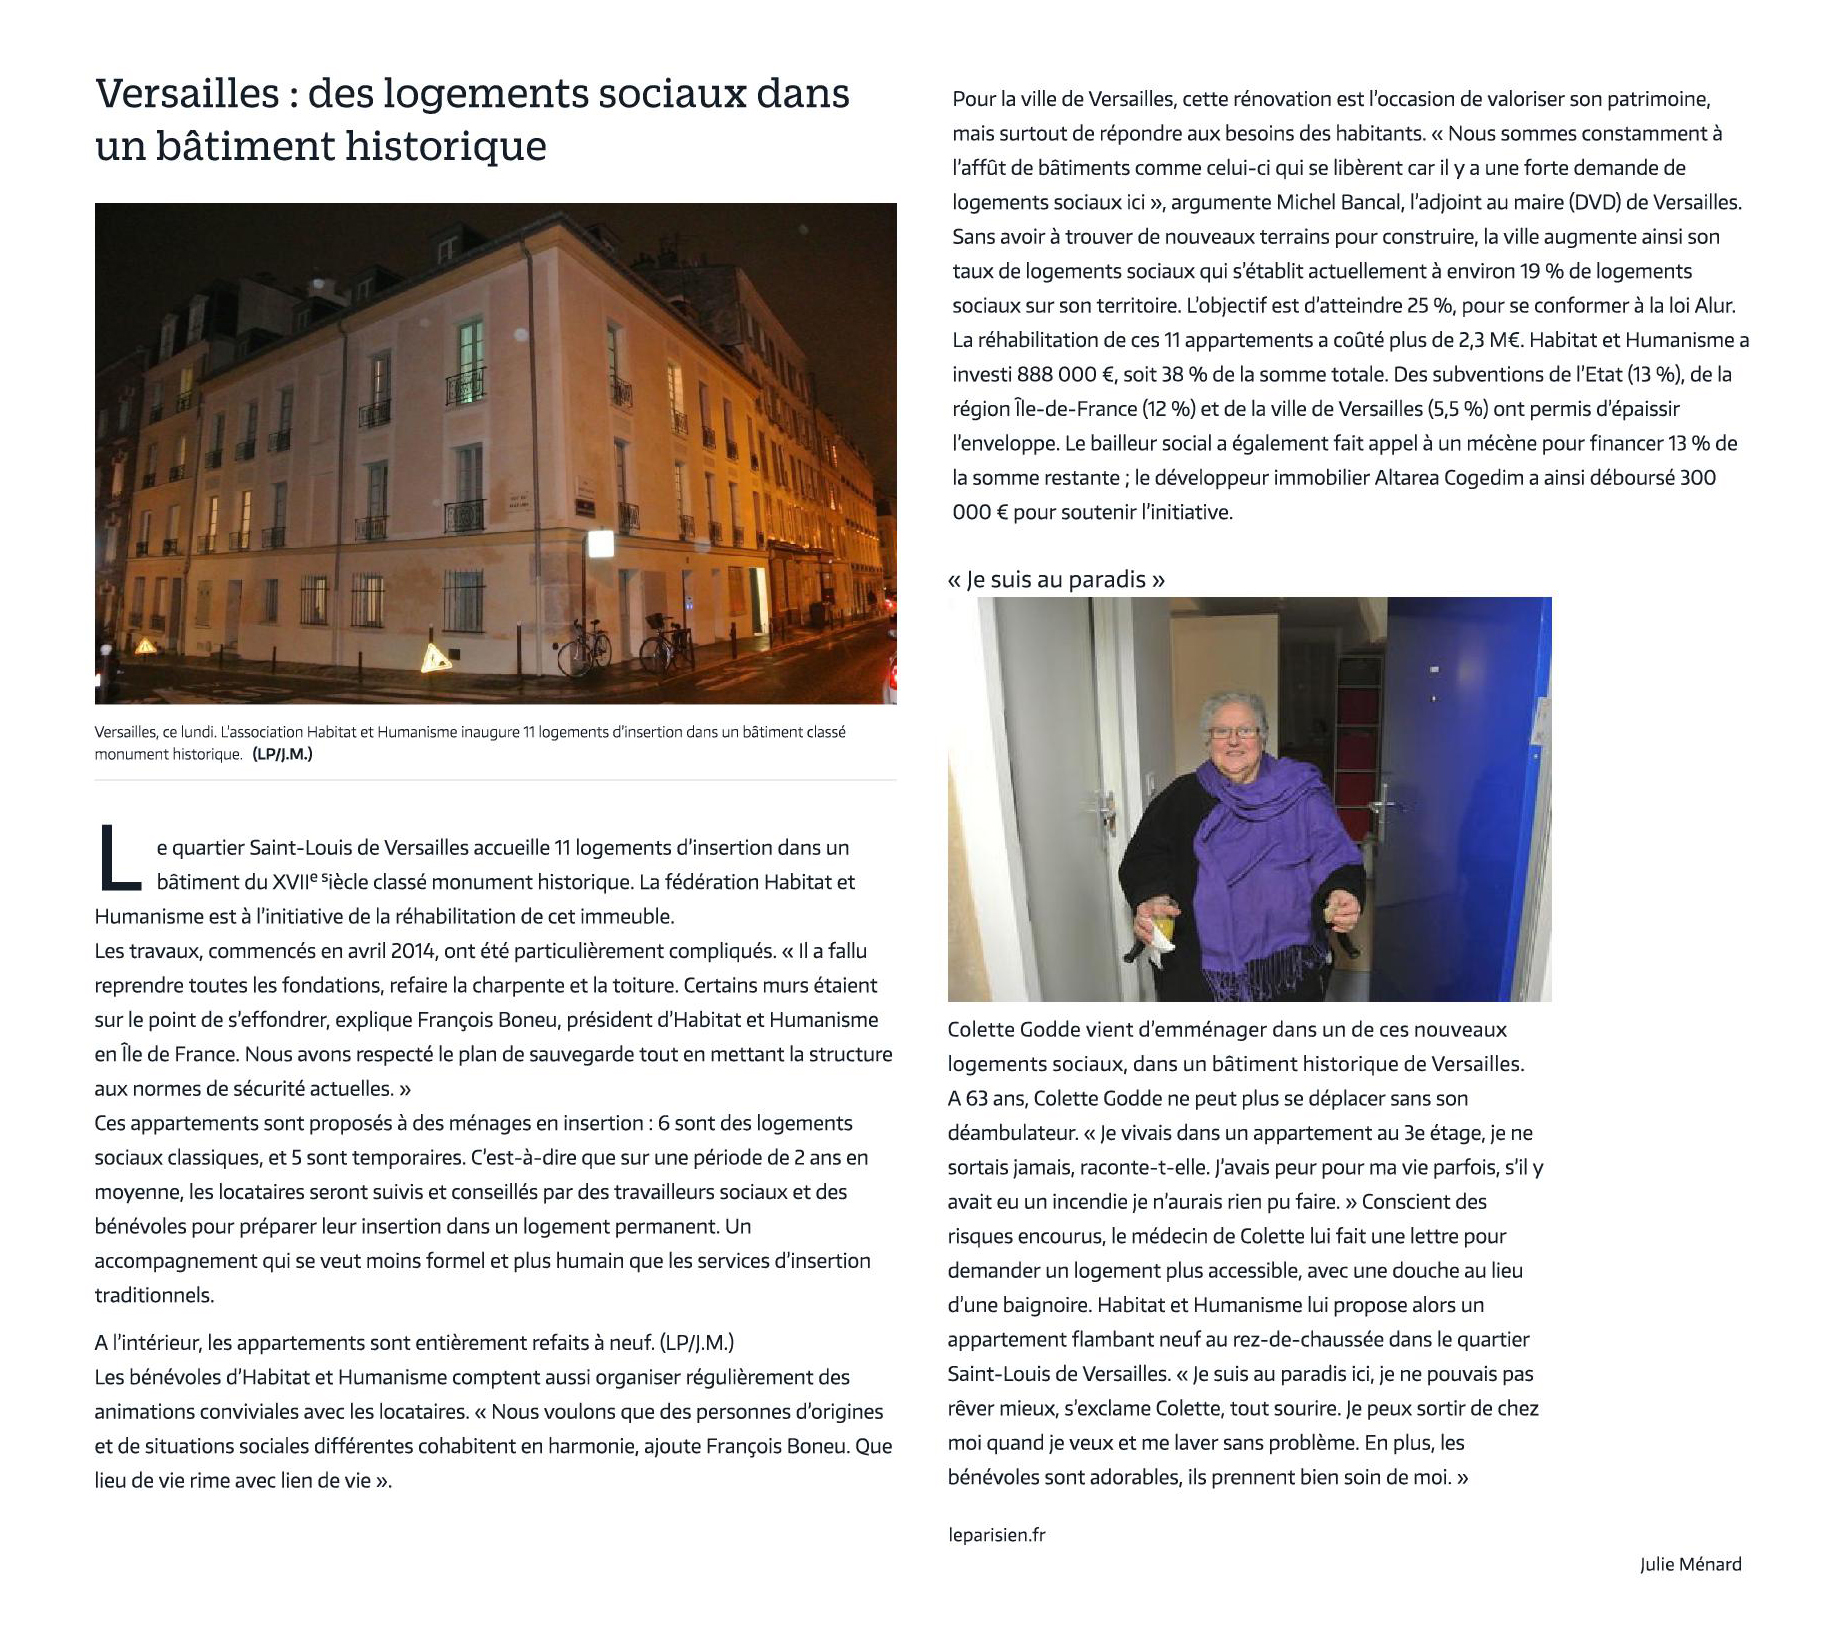 Versailles _ des logements sociaux dans un bâtiment historique - Le Parisien.jpg